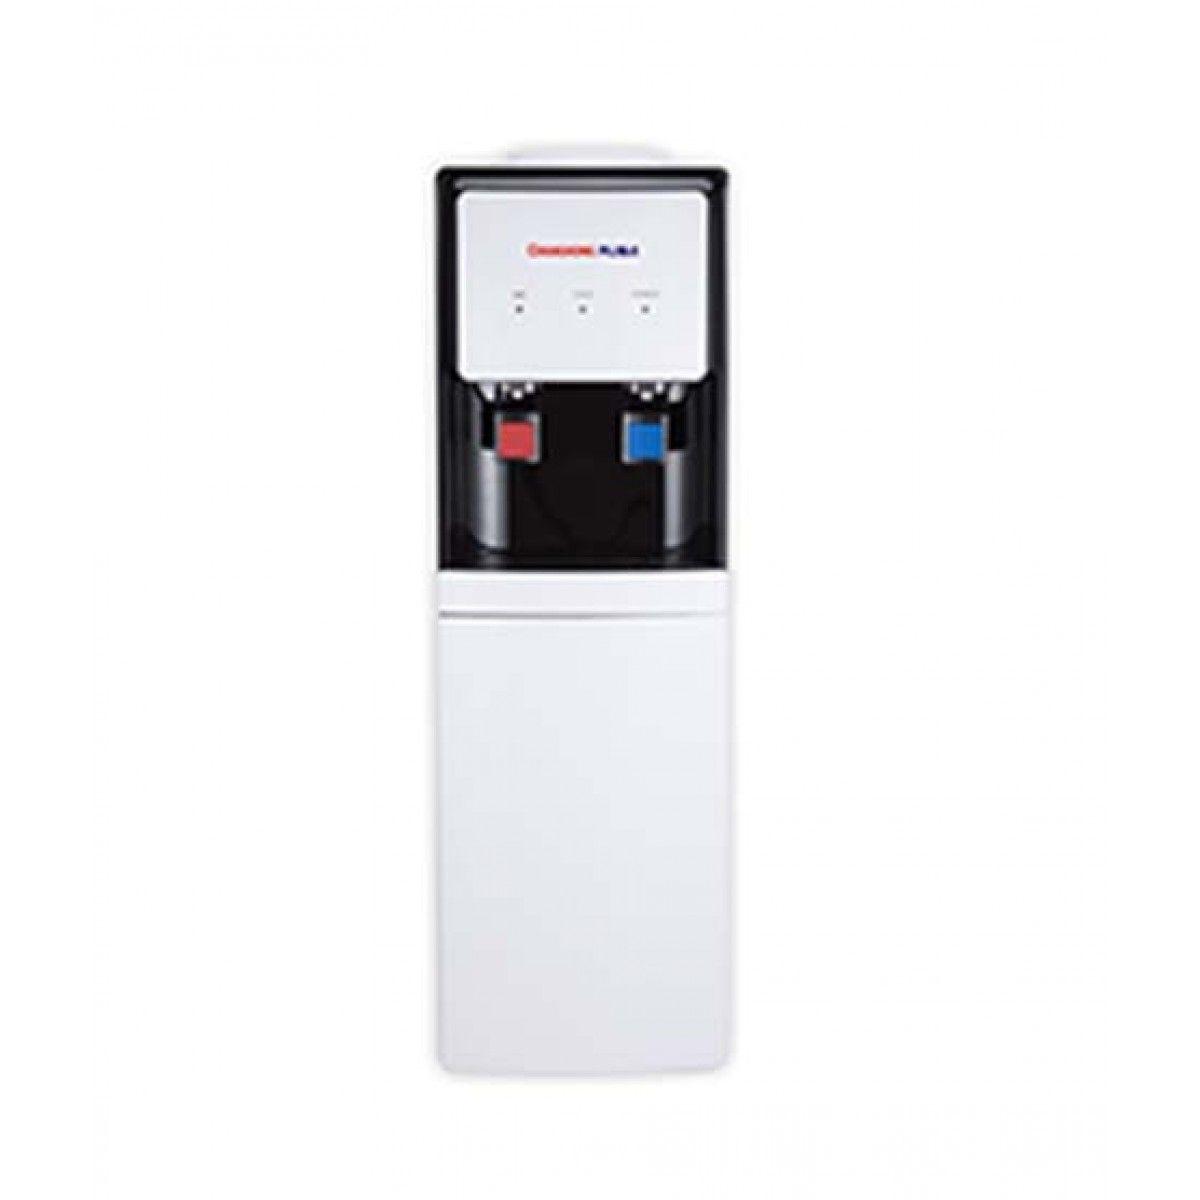 Changhong Ruba WD-CR77H Water Dispenser